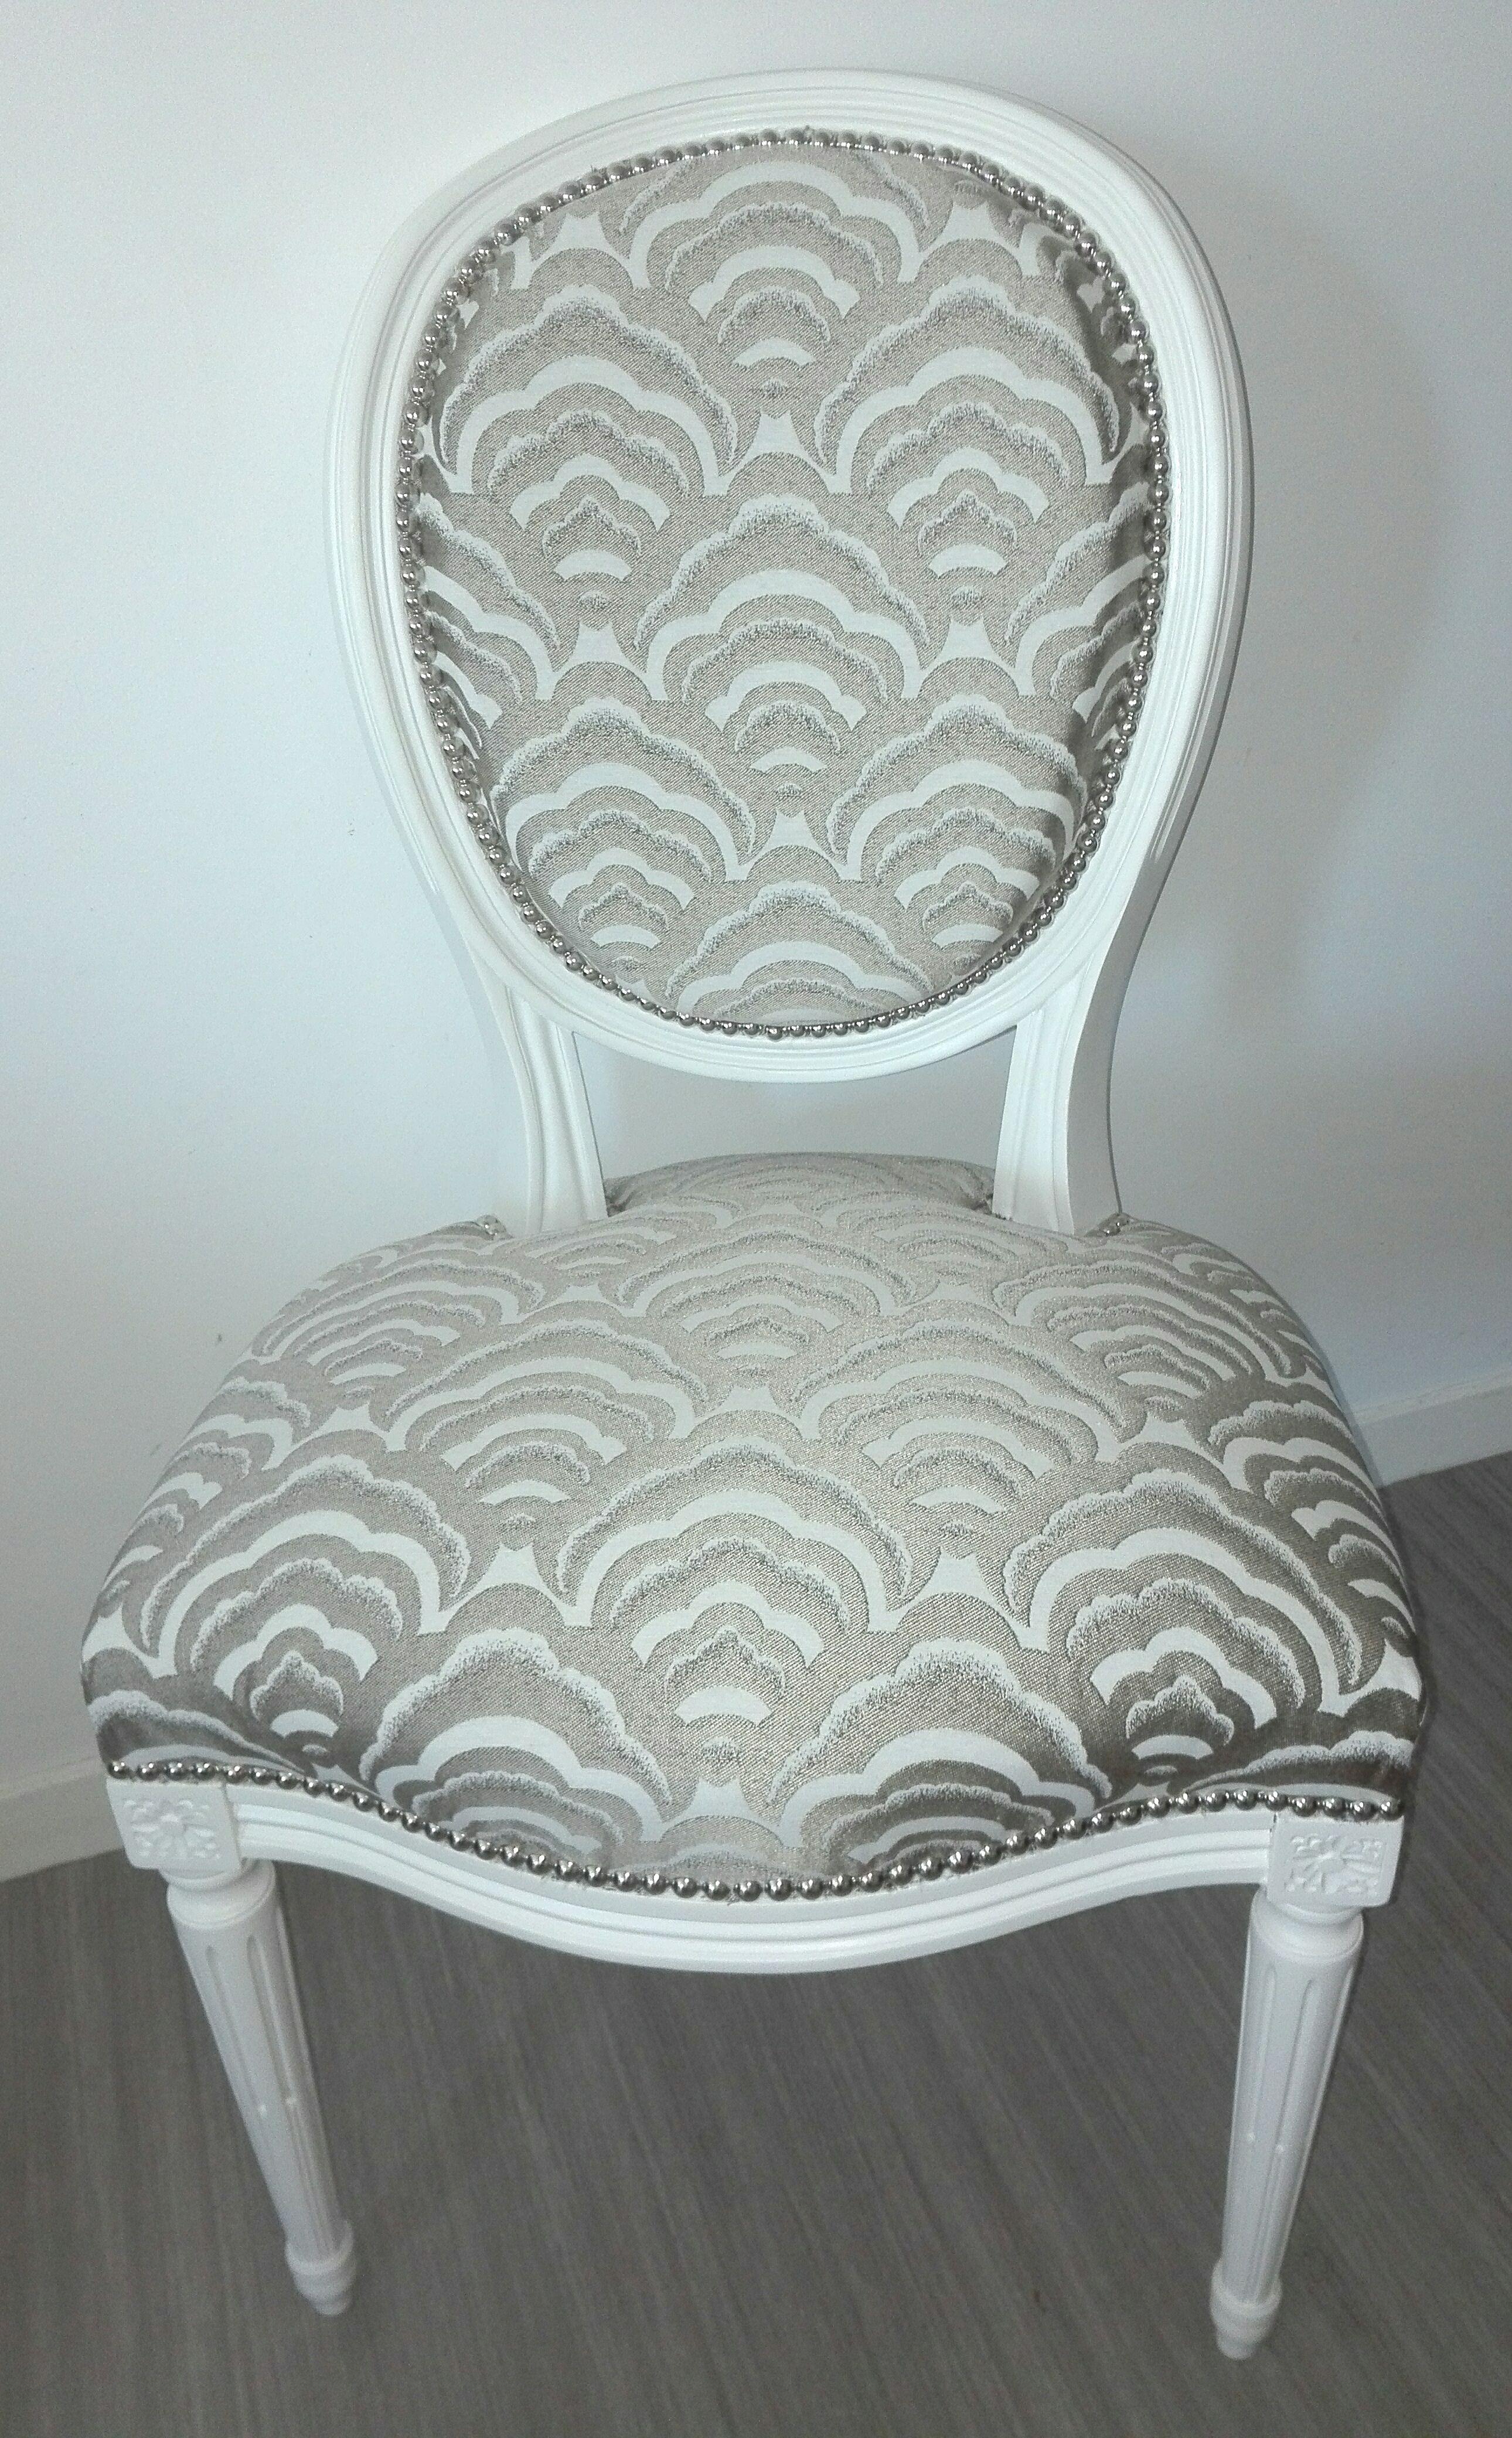 Chaise Medaillon De Style Louis Xvi Relookee Furniture Home Decor Decor